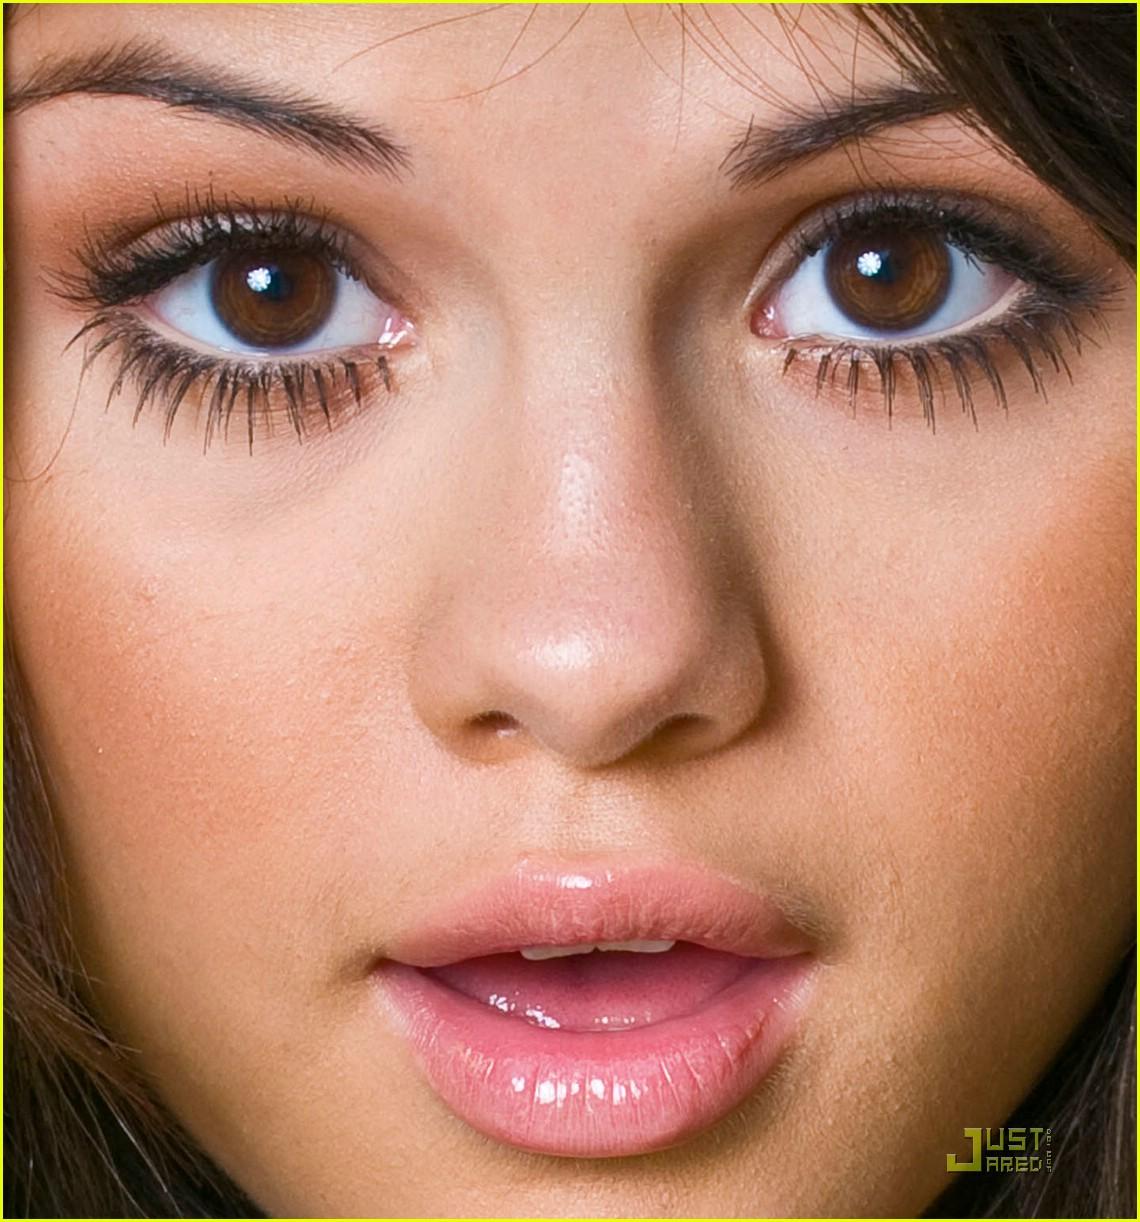 Фото какой макияж подходит при круглом лице